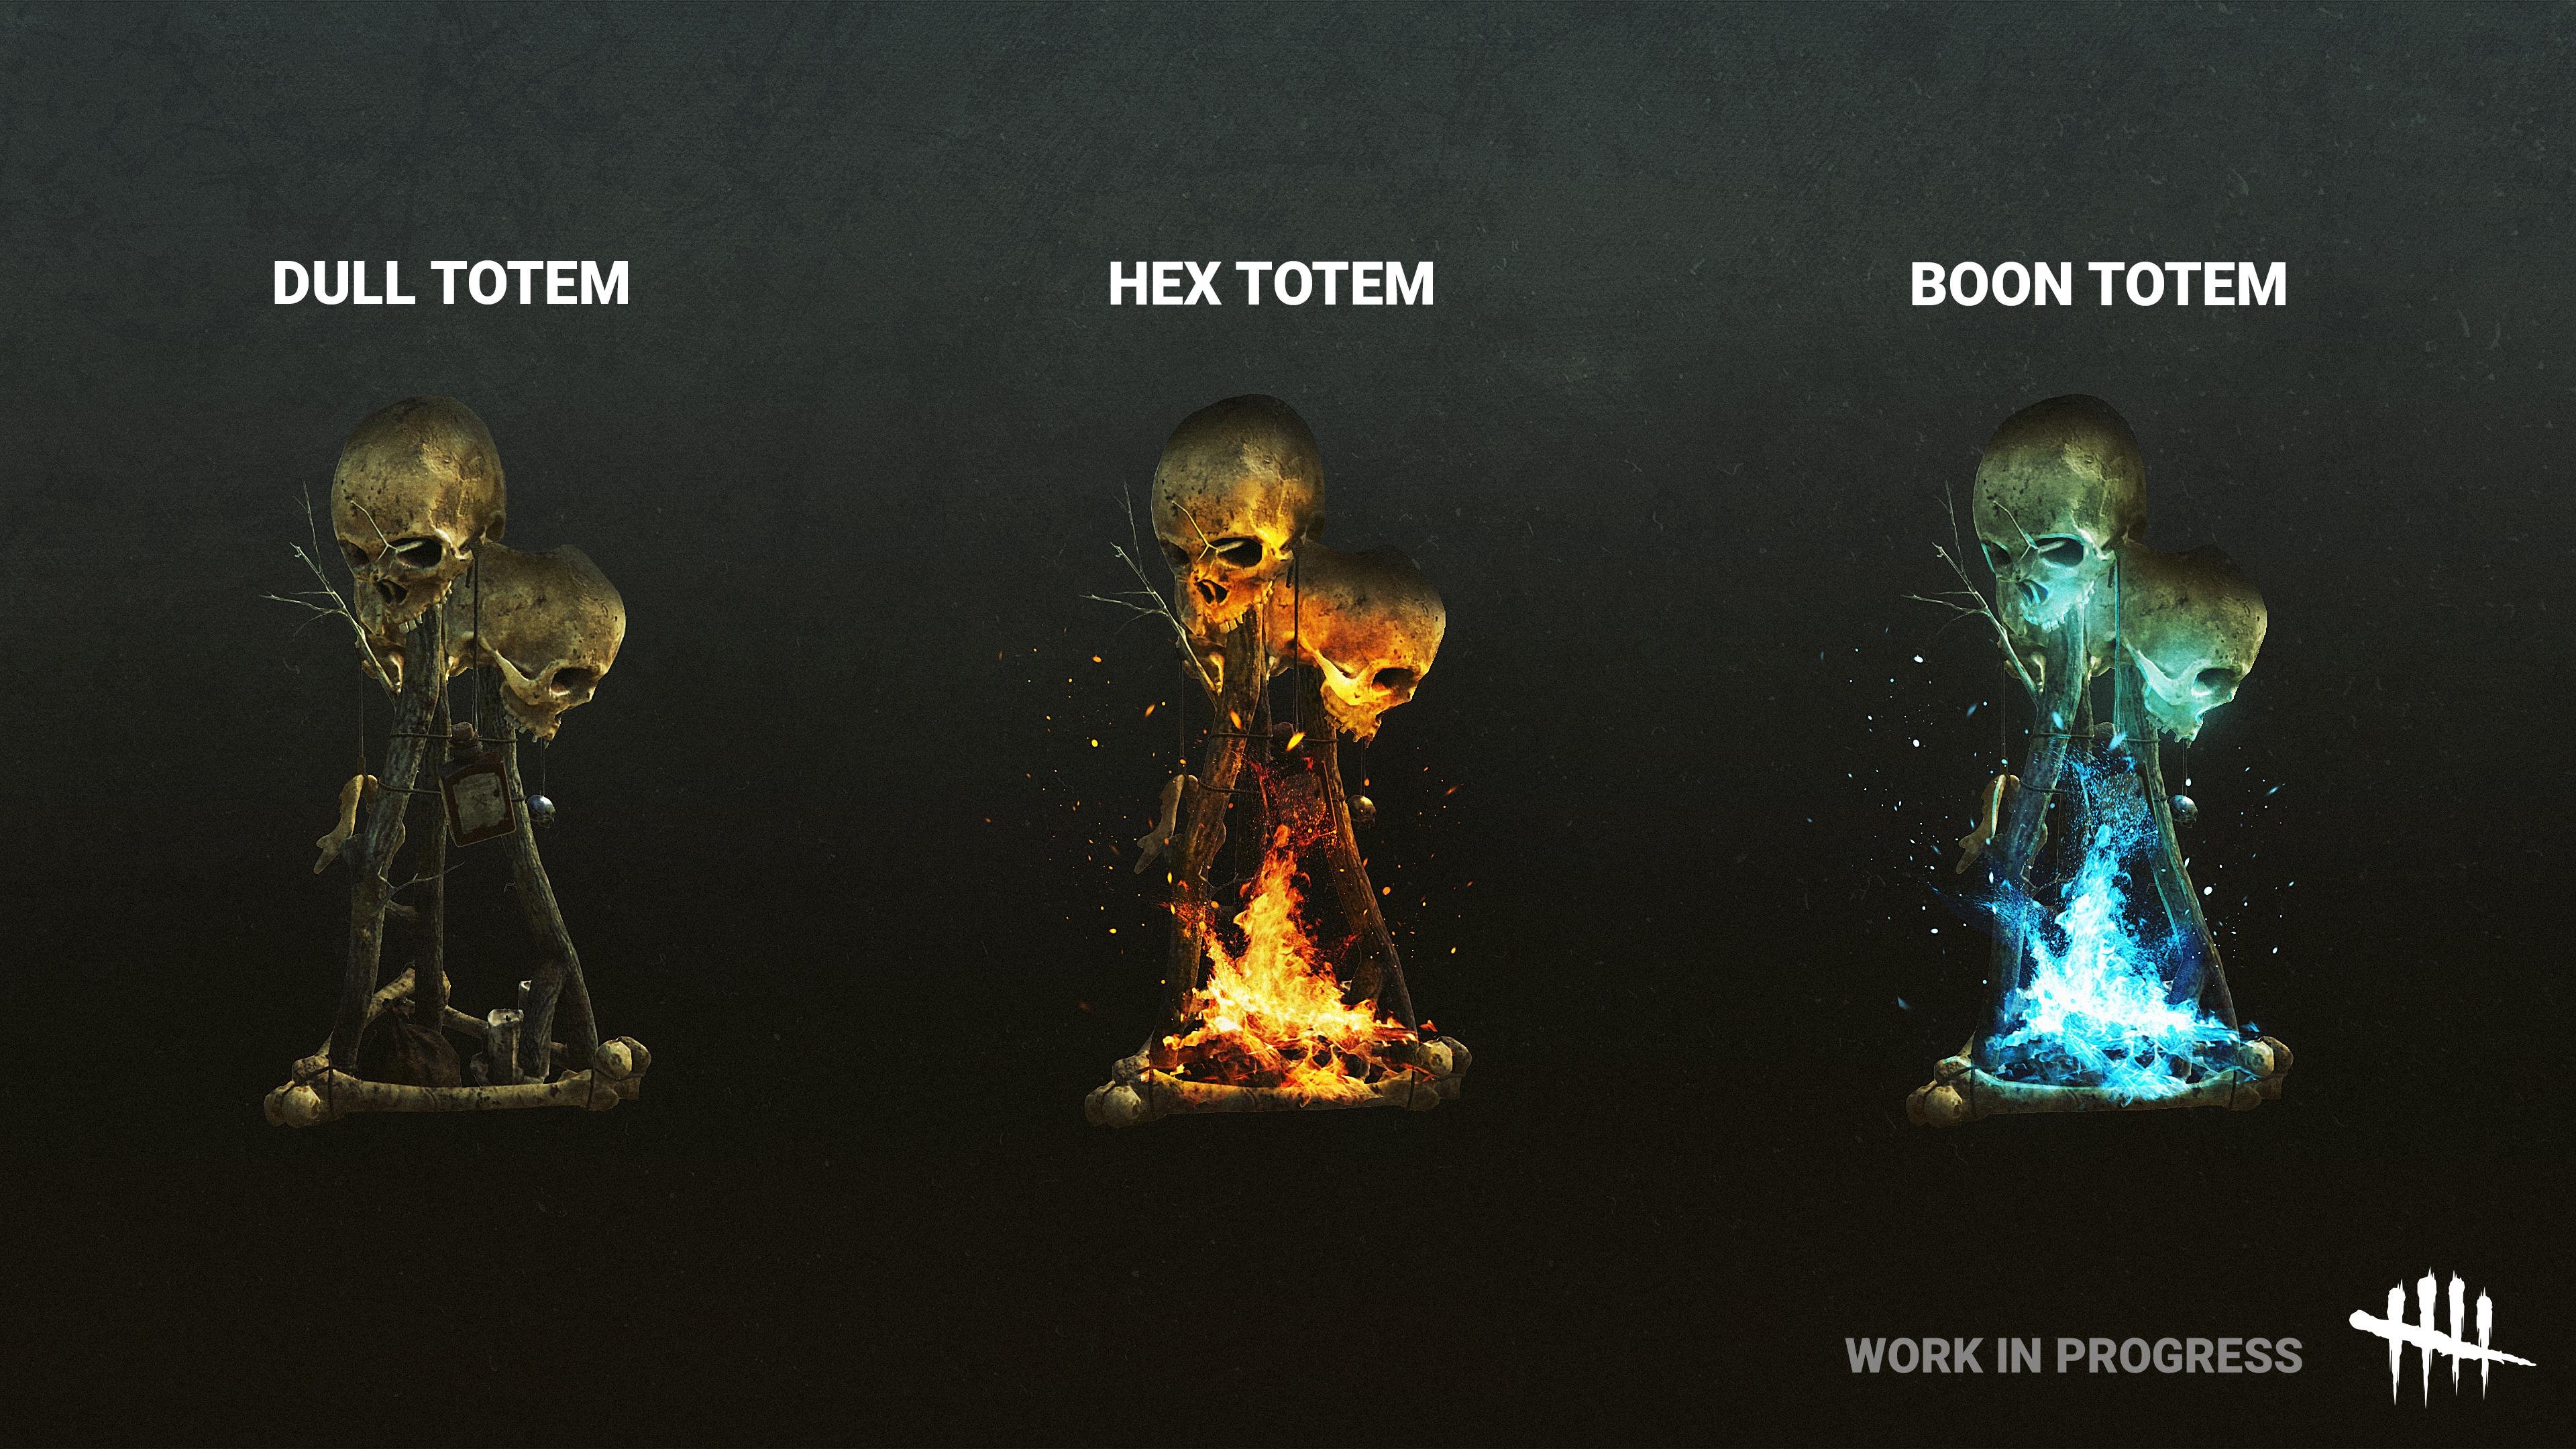 Segen Totem Work in Progress